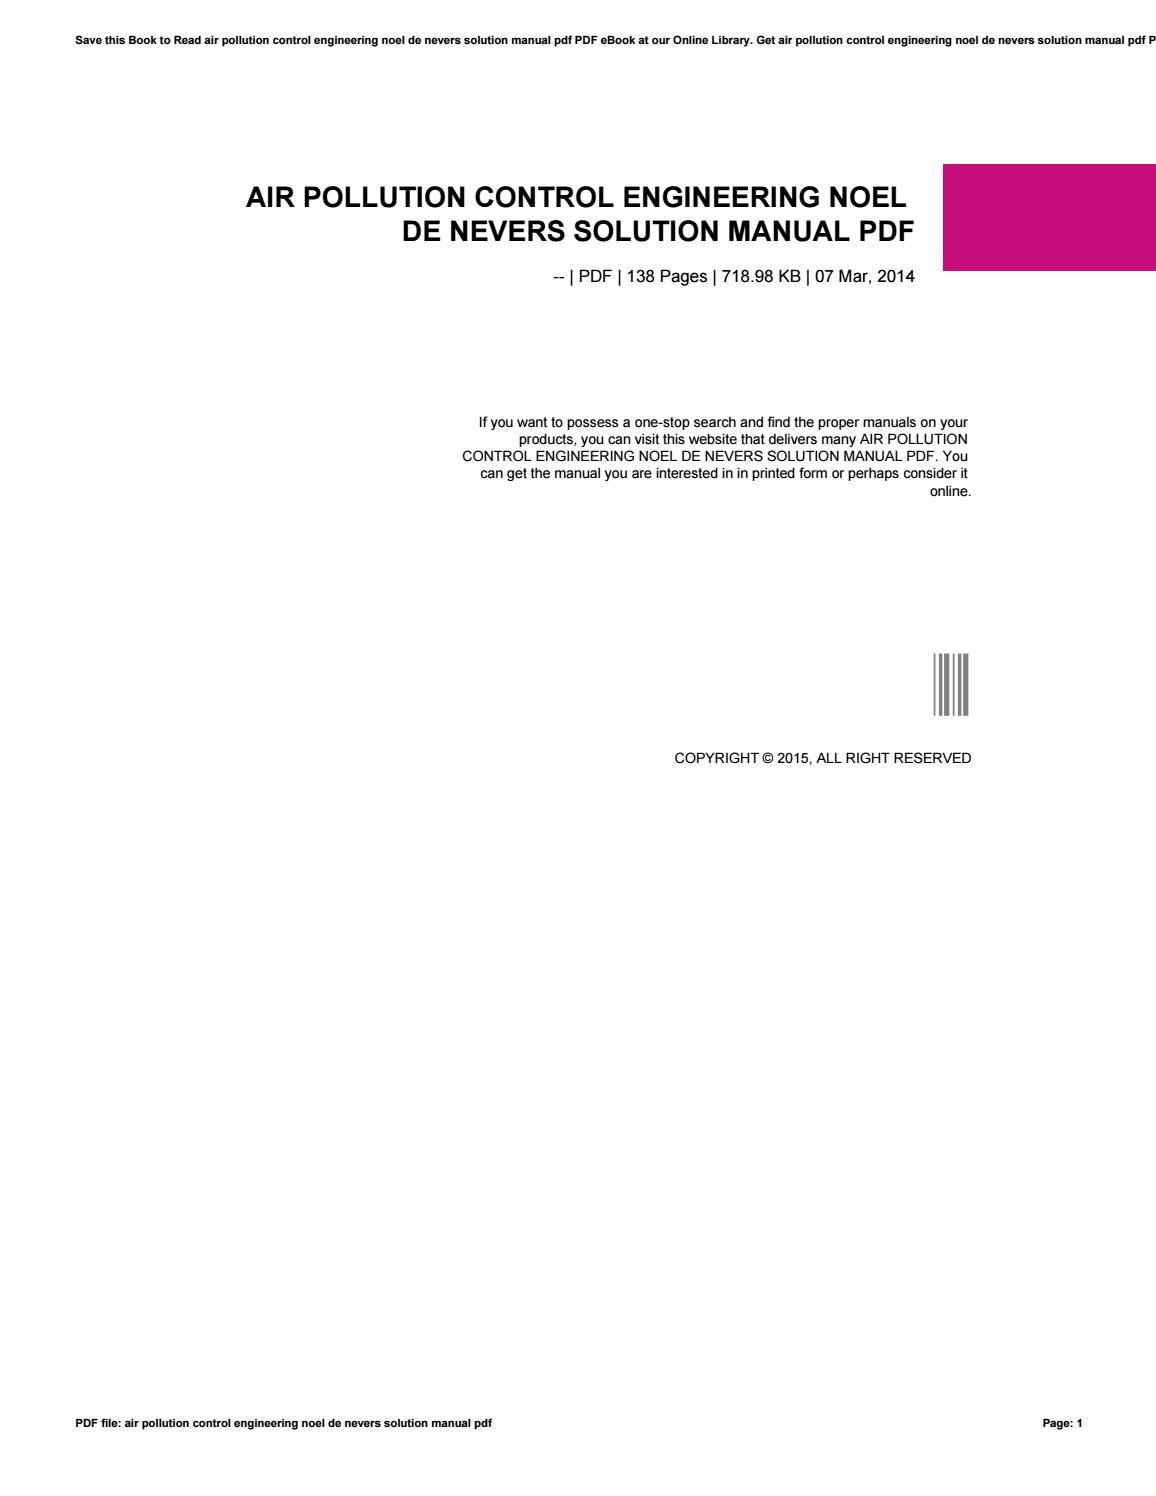 Air Pollution Pdf Book